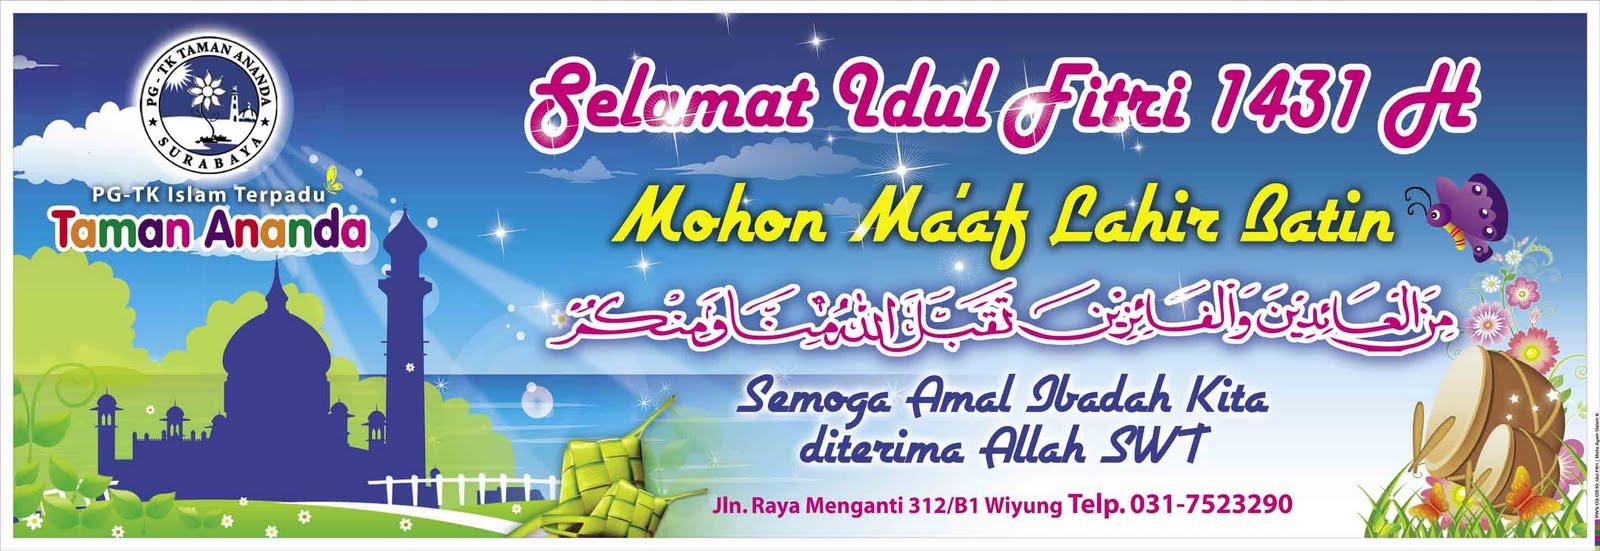 Spanduk Vinyl Ucapan Selamat Idul Fitri PG - TK Islam Terpadu Taman ...